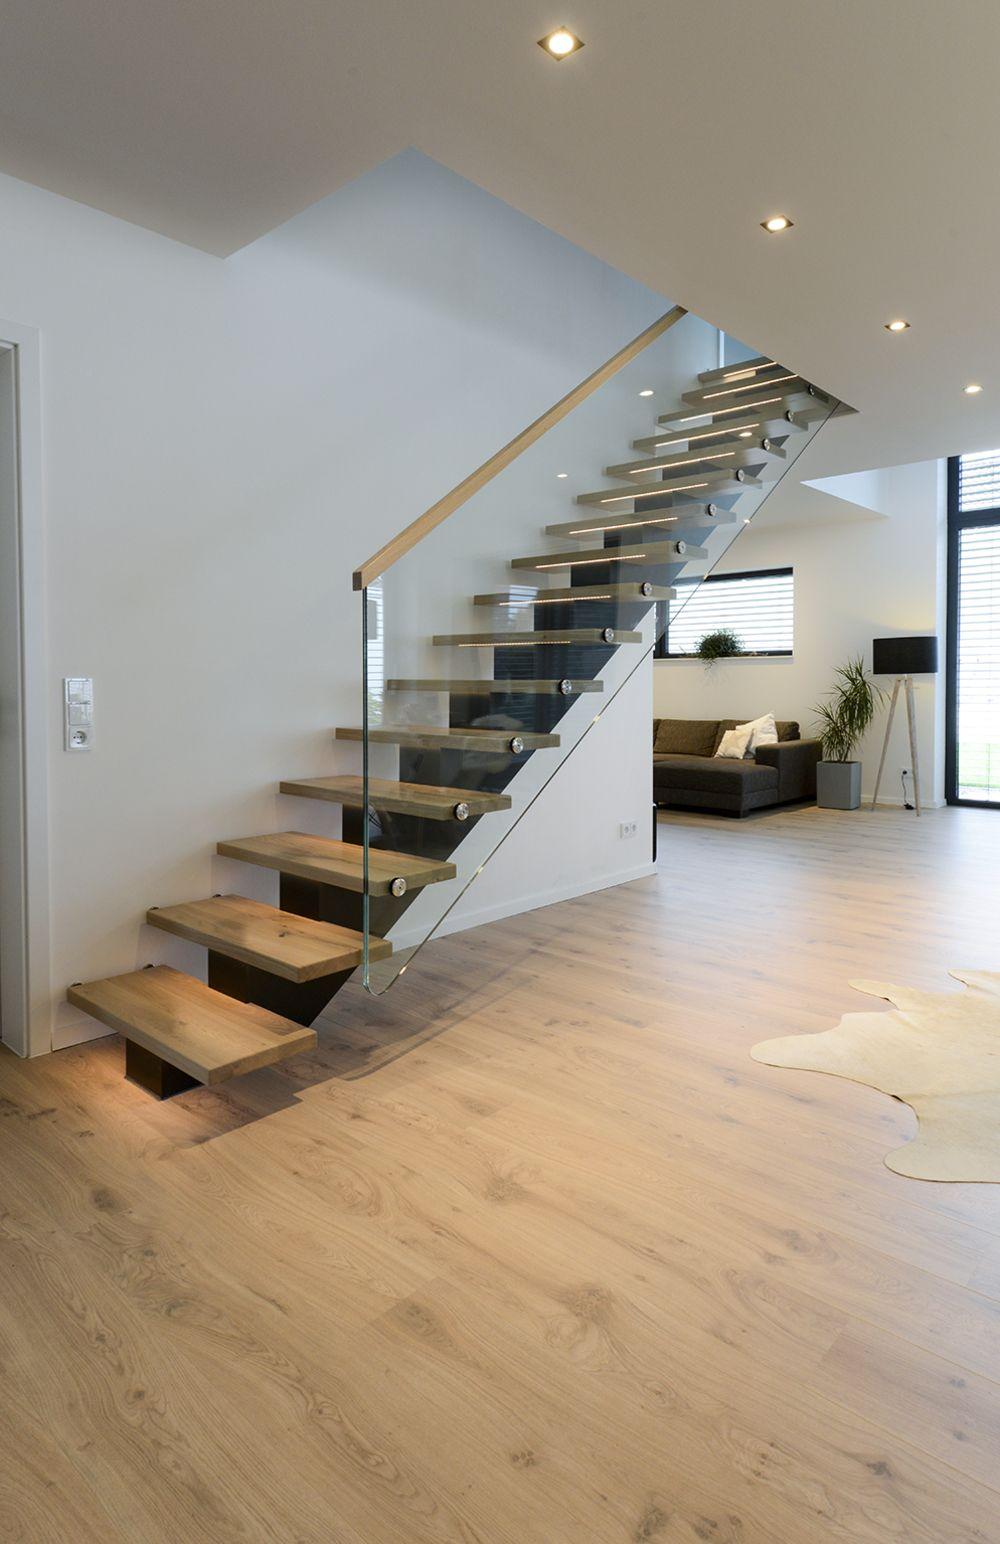 Treppe Im Wohnzimmer : mittelholmtreppen treppen nach ma gerade treppen aufgesattelte treppen moderne treppen ~ Watch28wear.com Haus und Dekorationen